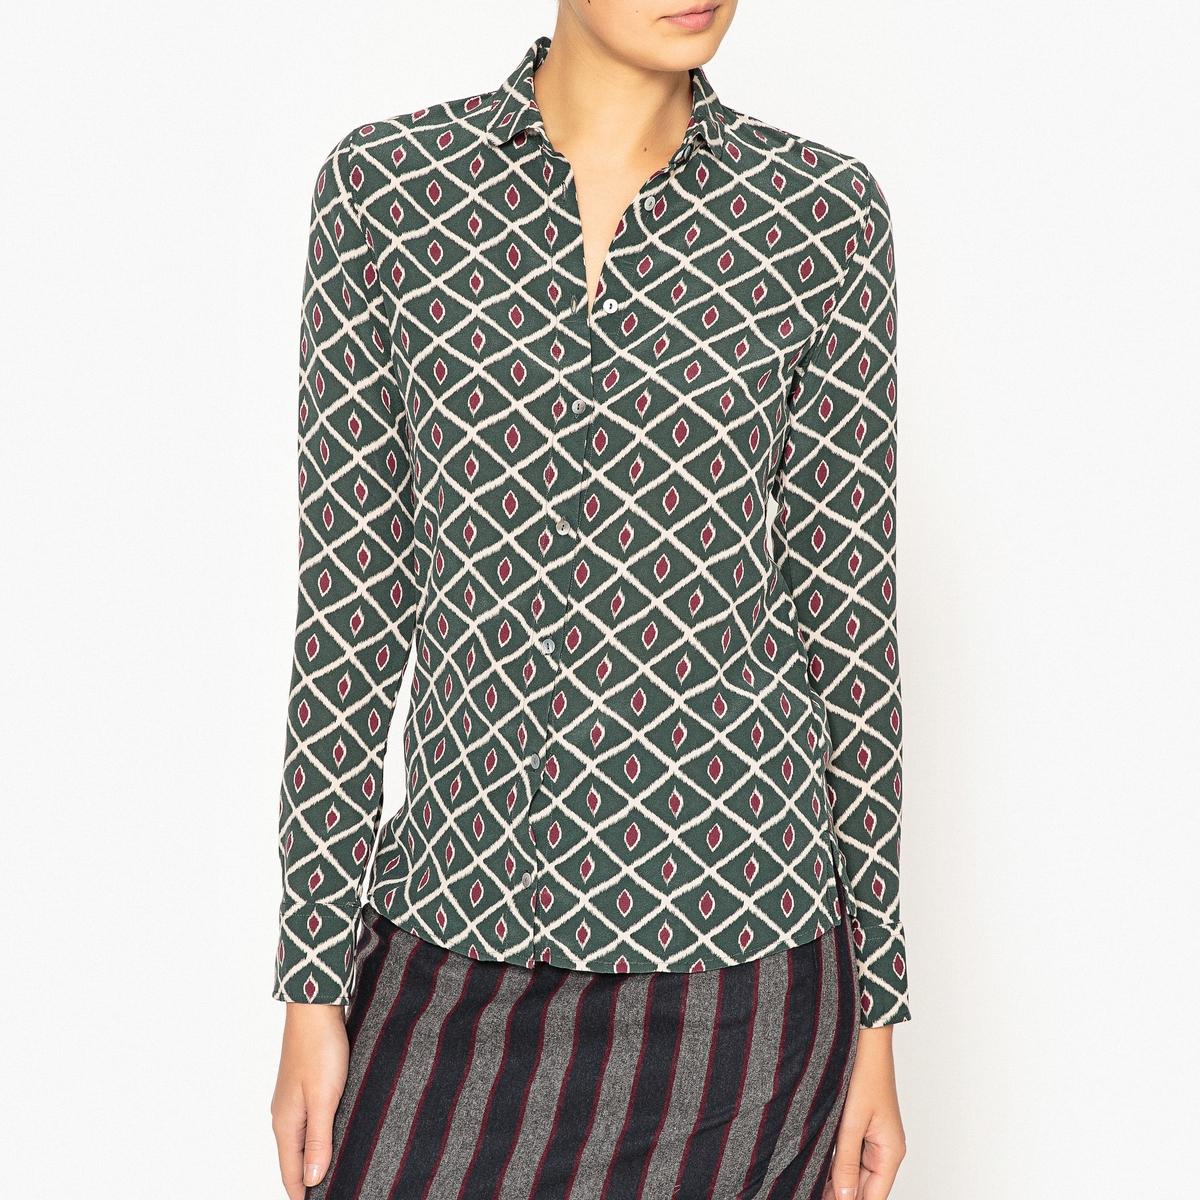 Рубашка из шелка с рисункомРубашка с длинными рукавами DIEGA - модель CHALALA из шелка и вискозы с рисунком.Детали •  Длинные рукава •  Прямой покрой  •  Воротник-поло, рубашечный  •  Рисунок-принтСостав и уход •  39% шелка, 61% вискозы •  Следуйте советам по уходу, указанным на этикетке<br><br>Цвет: зеленый<br>Размер: XS